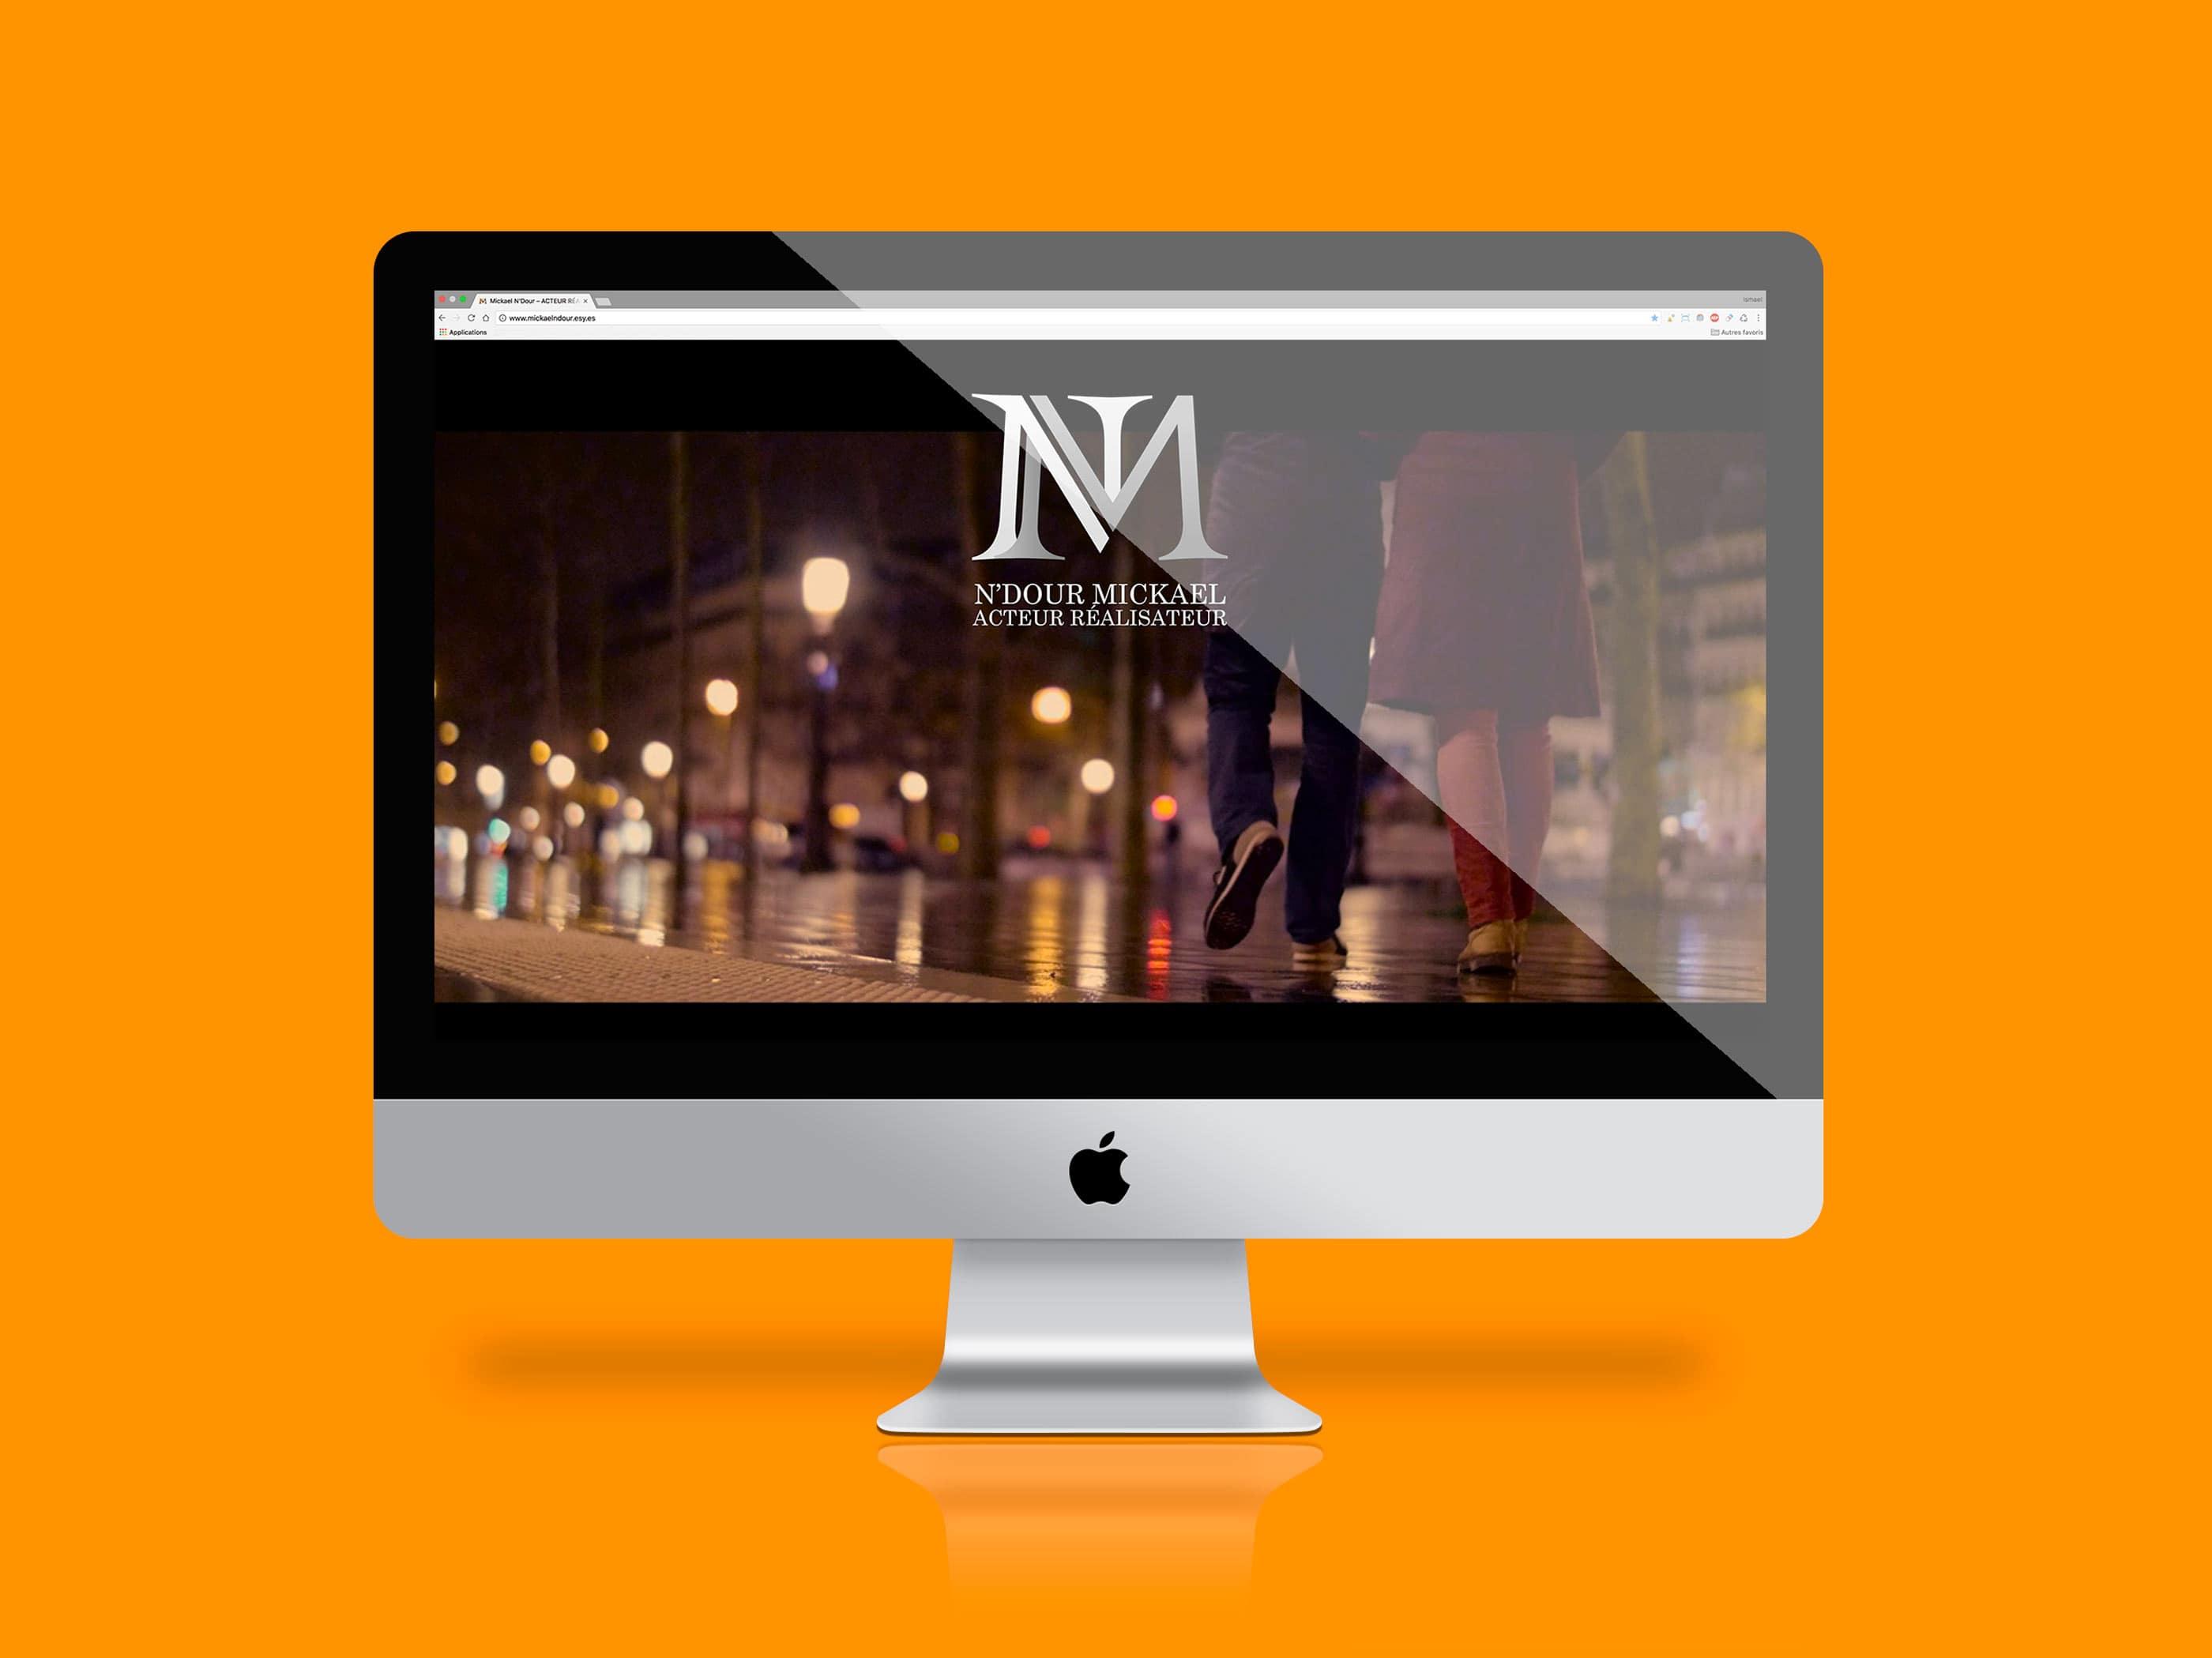 image présentant la premiere page du site de Mickaël N'Dour l'écran d'un imac